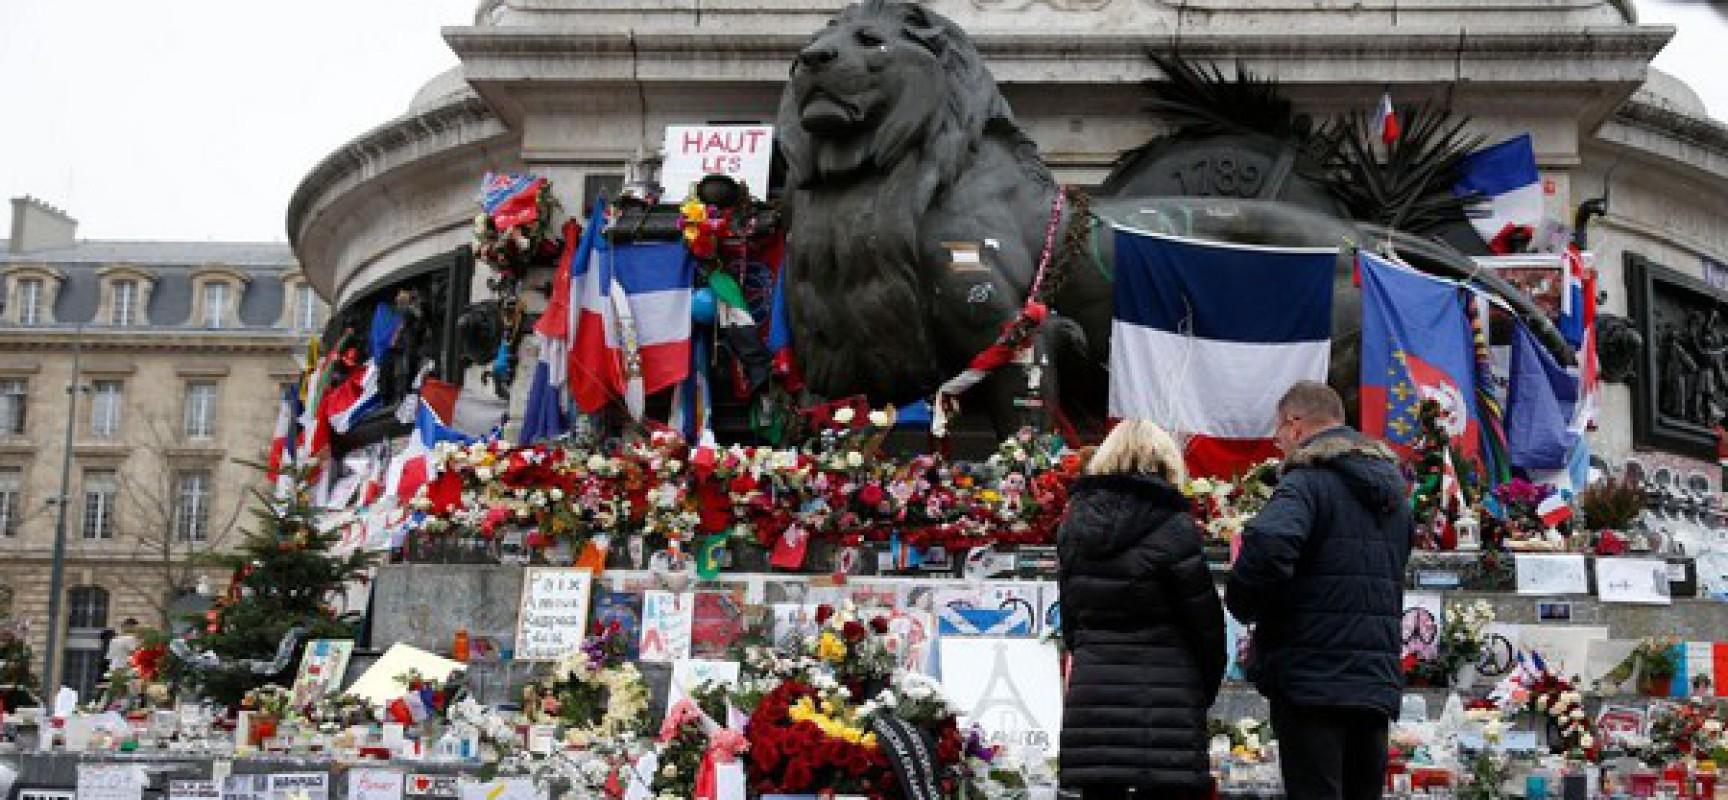 Le cerveau des attentats de Paris est un espion des Anglais